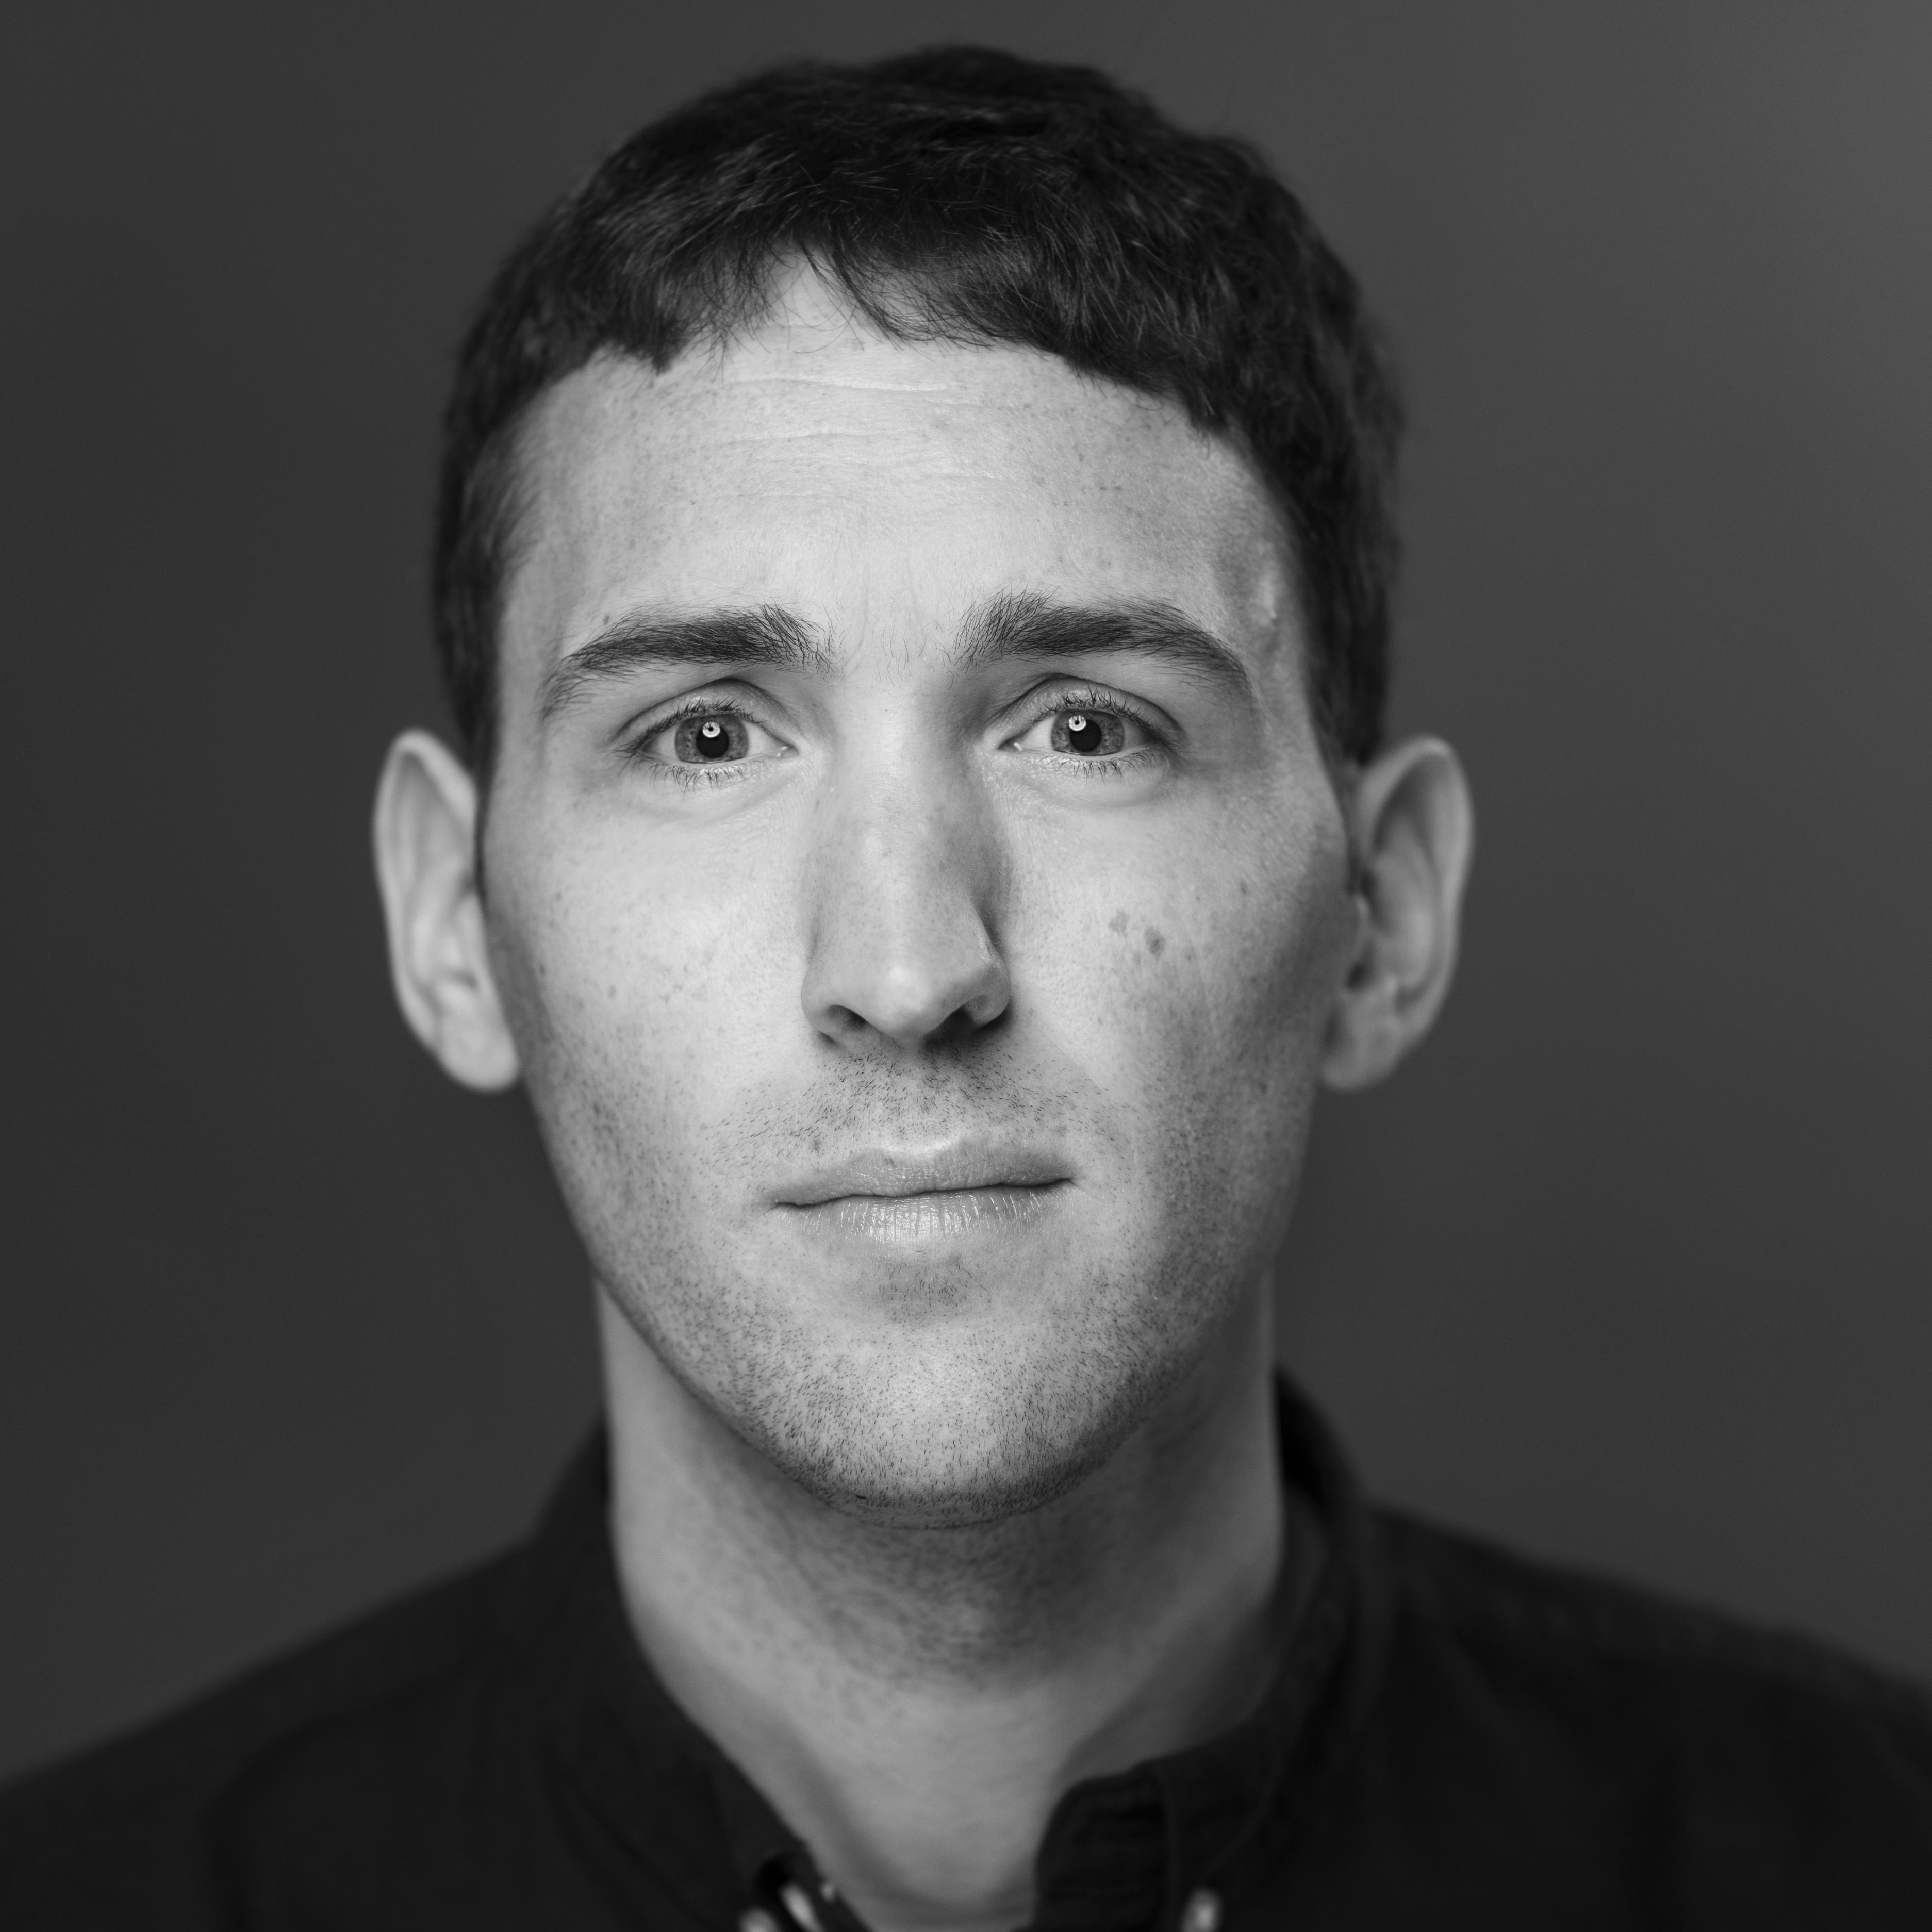 theintercept.com - Ryan Gallagher - Documentos vazados revelam que Google planeja lançar mecanismo de busca censurado na China